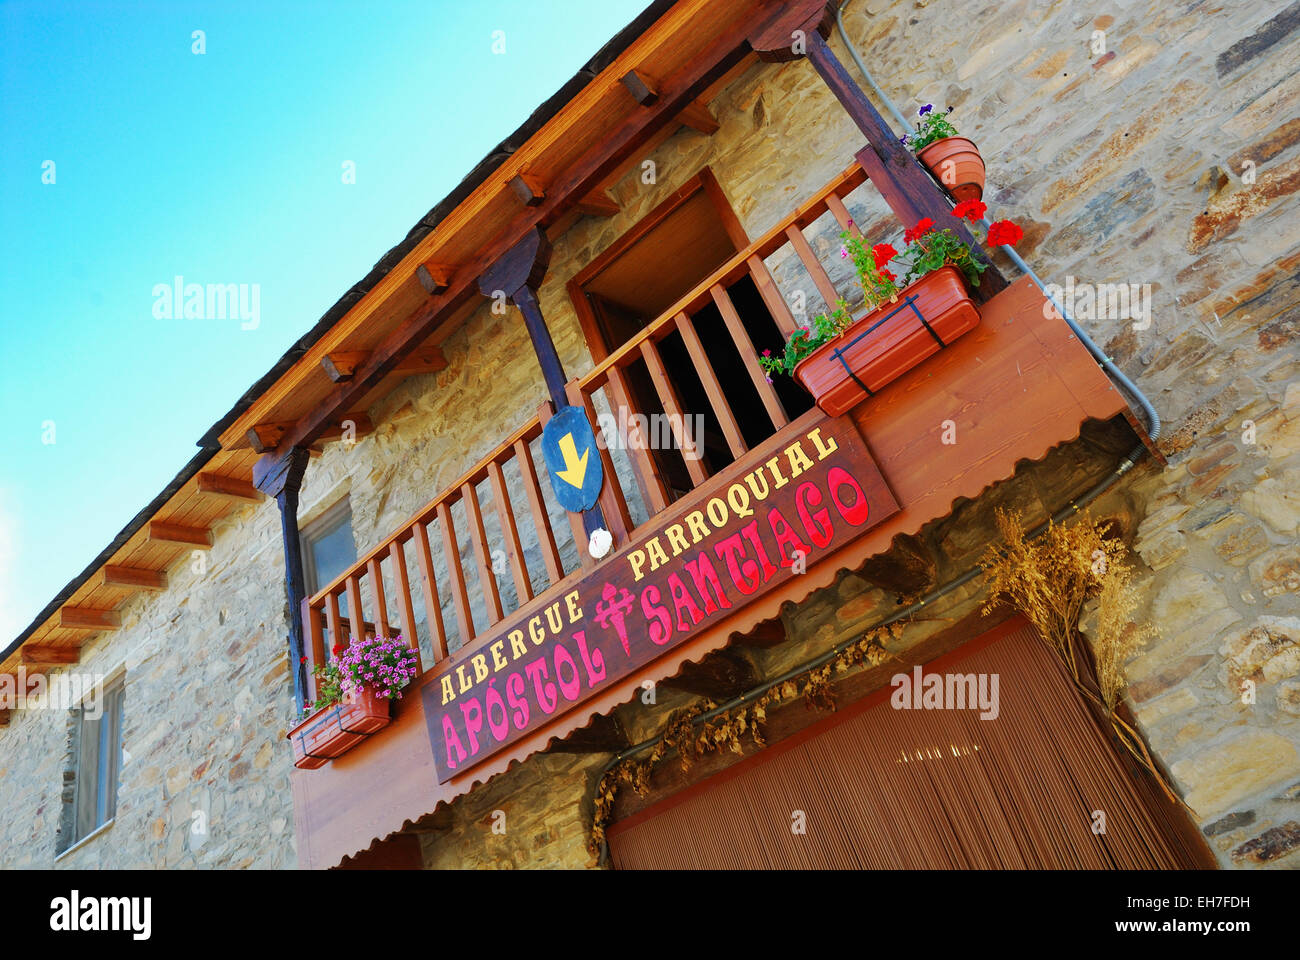 El Acebo, comarca de El Bierzo - Stock Image